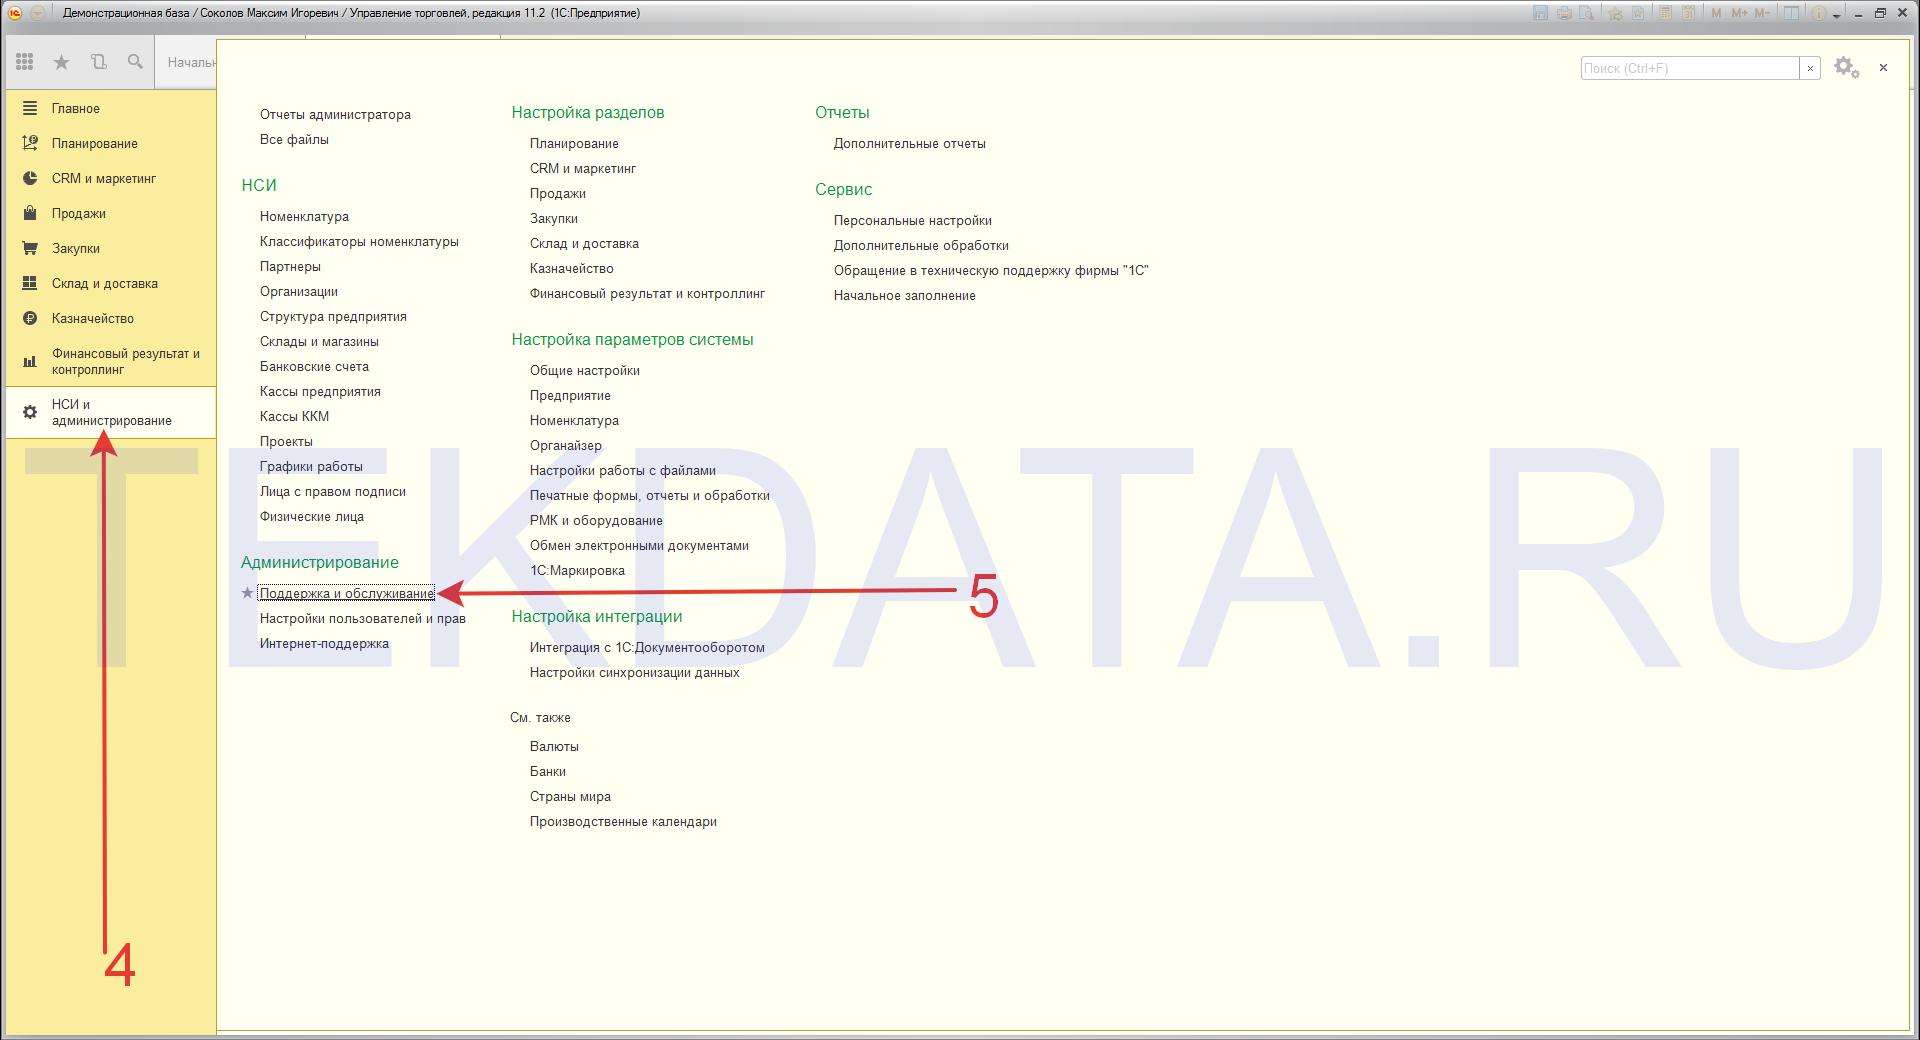 Как сделать удаление помеченных объектов в 1С 8.3 и 1С 8.2 | tekdata.ru